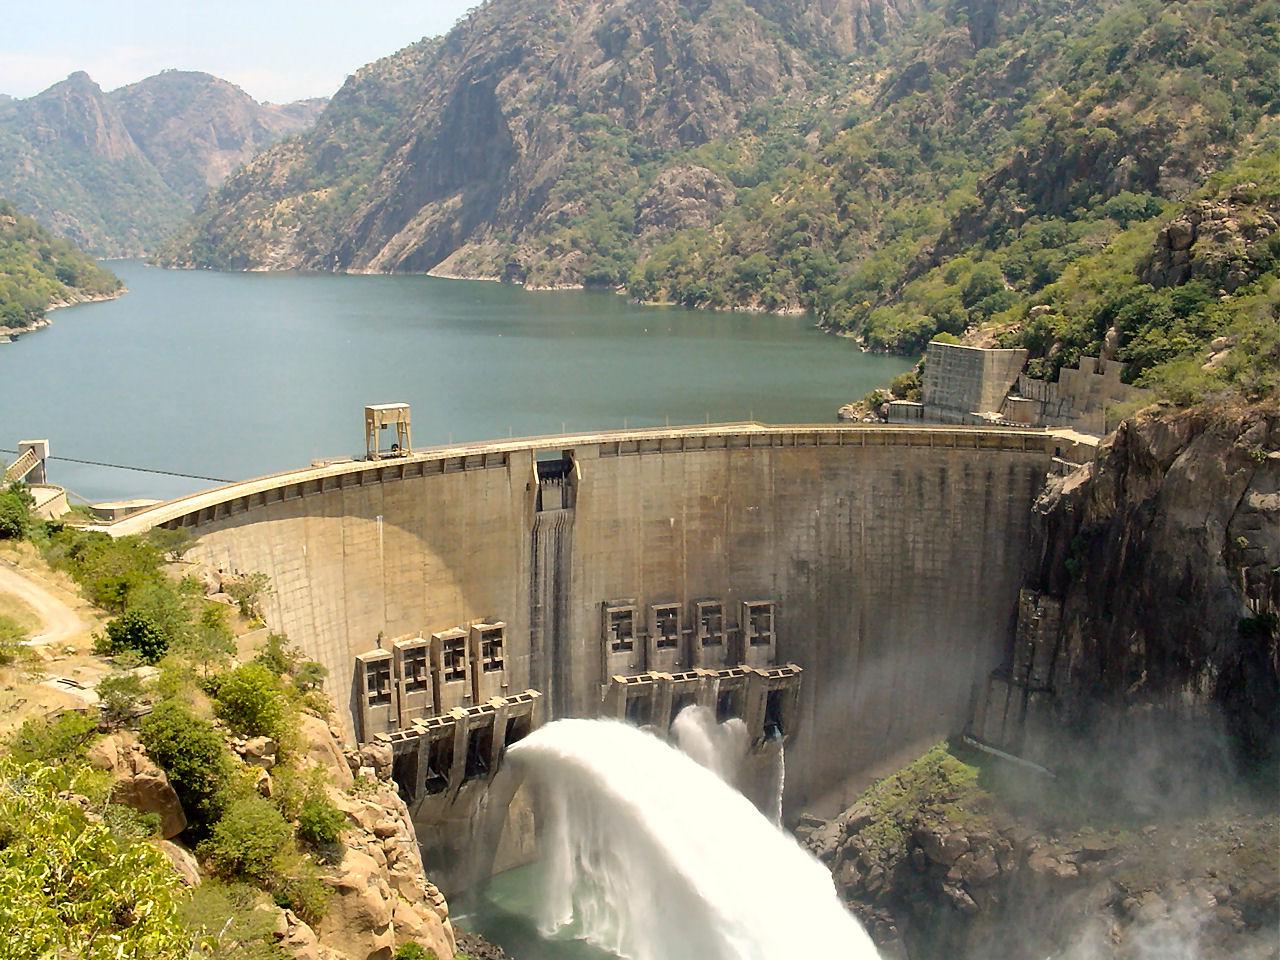 Cahora bassa Dam in Mozambique - lower Zambezi River